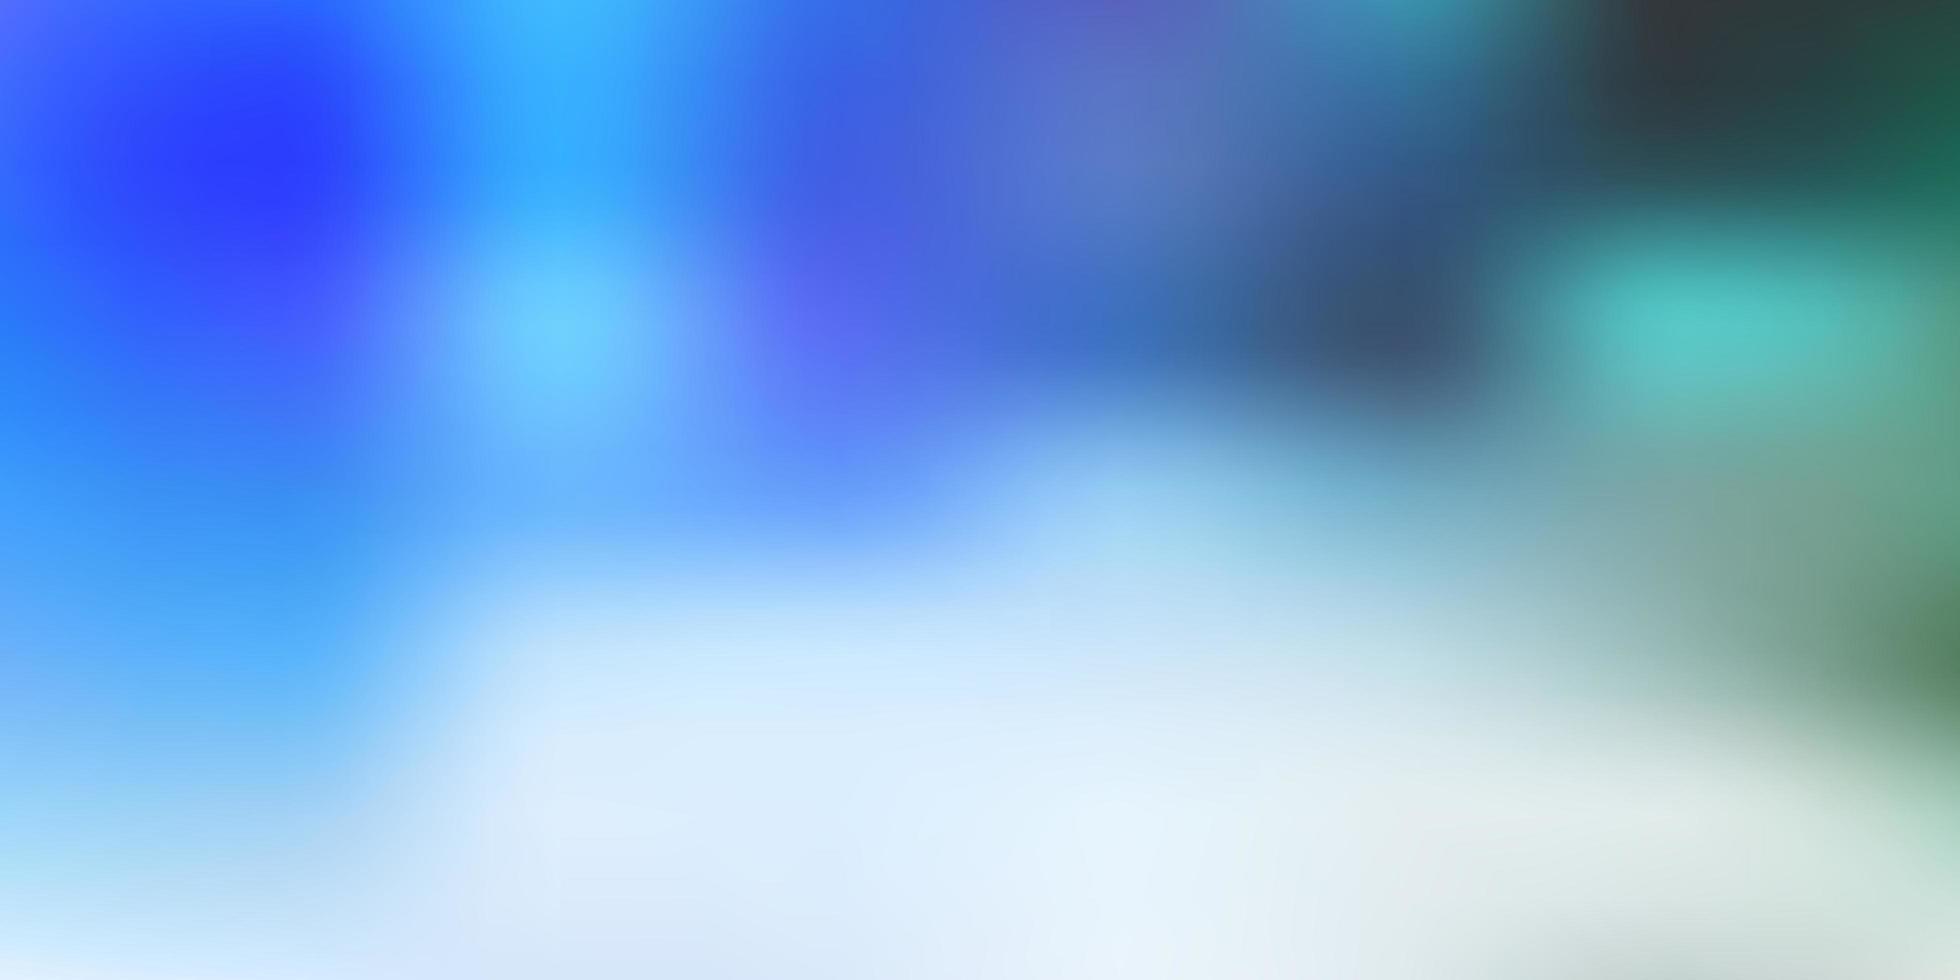 Light blue vector blur drawing.